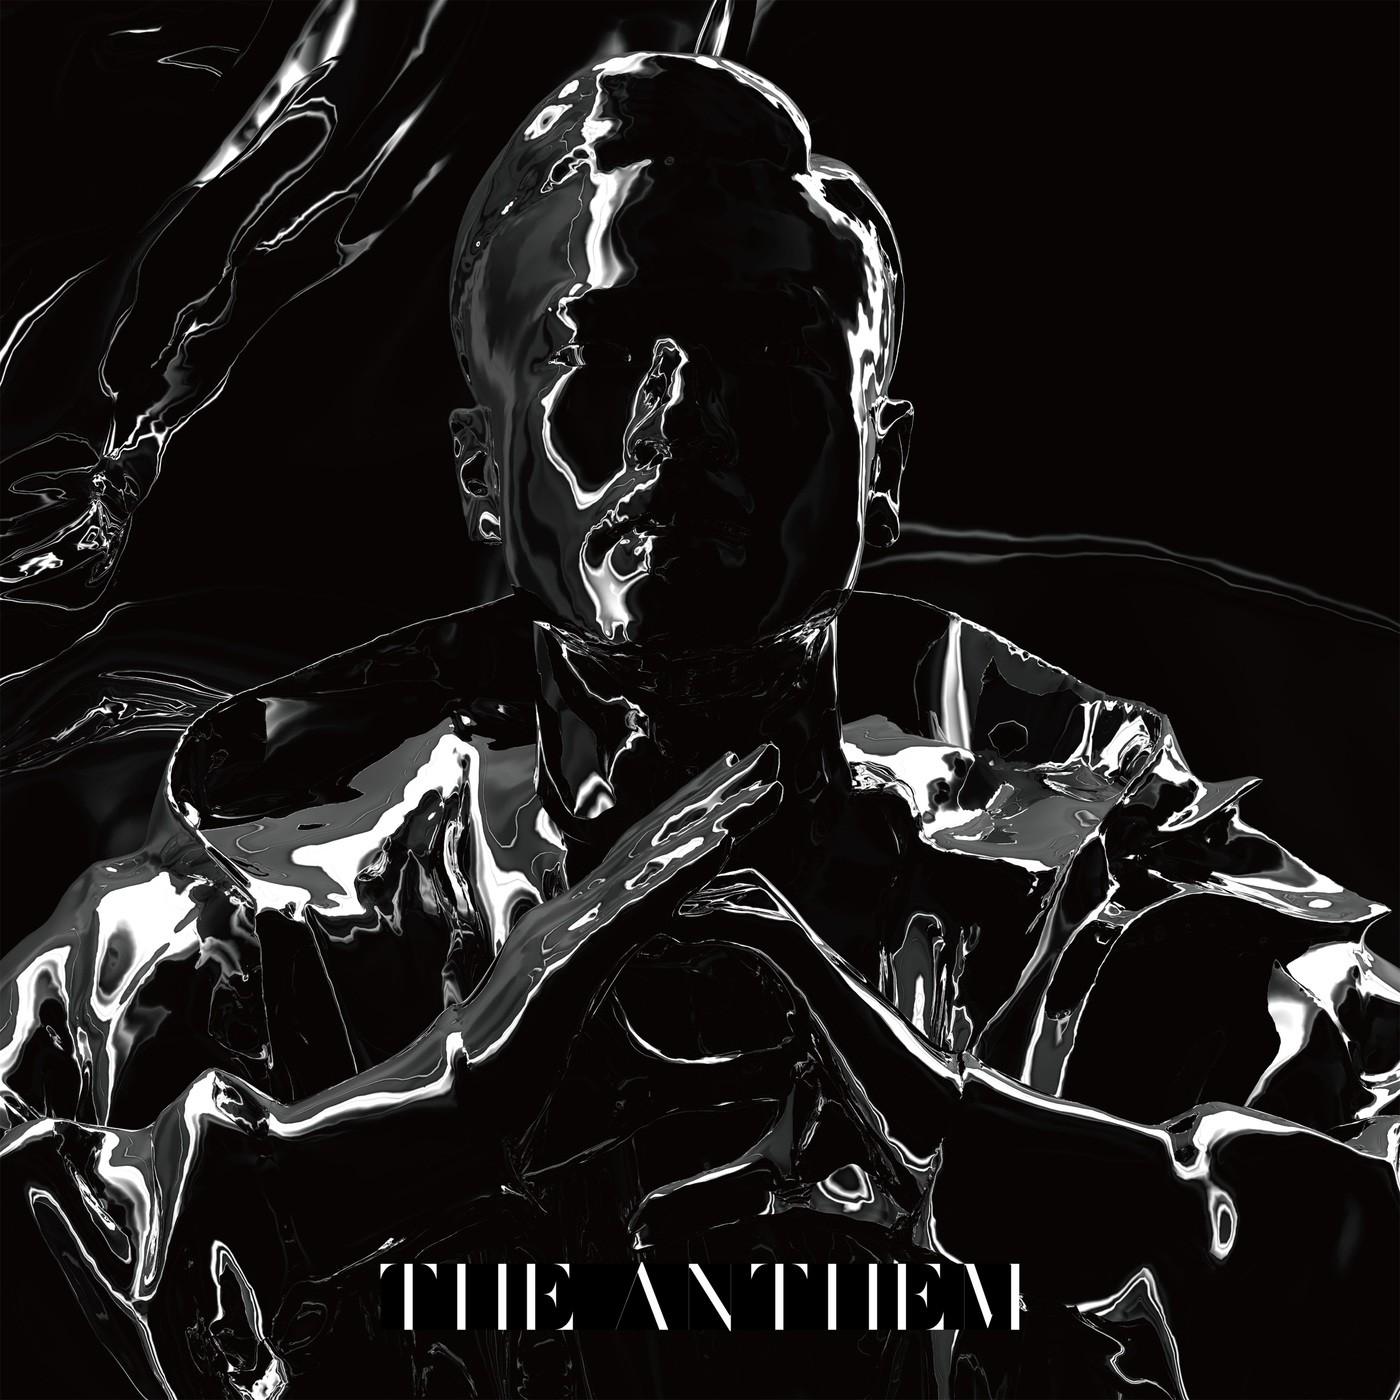 AK-69 – The Anthem [FLAC + MP3 320 / WEB] [2019.02.27]